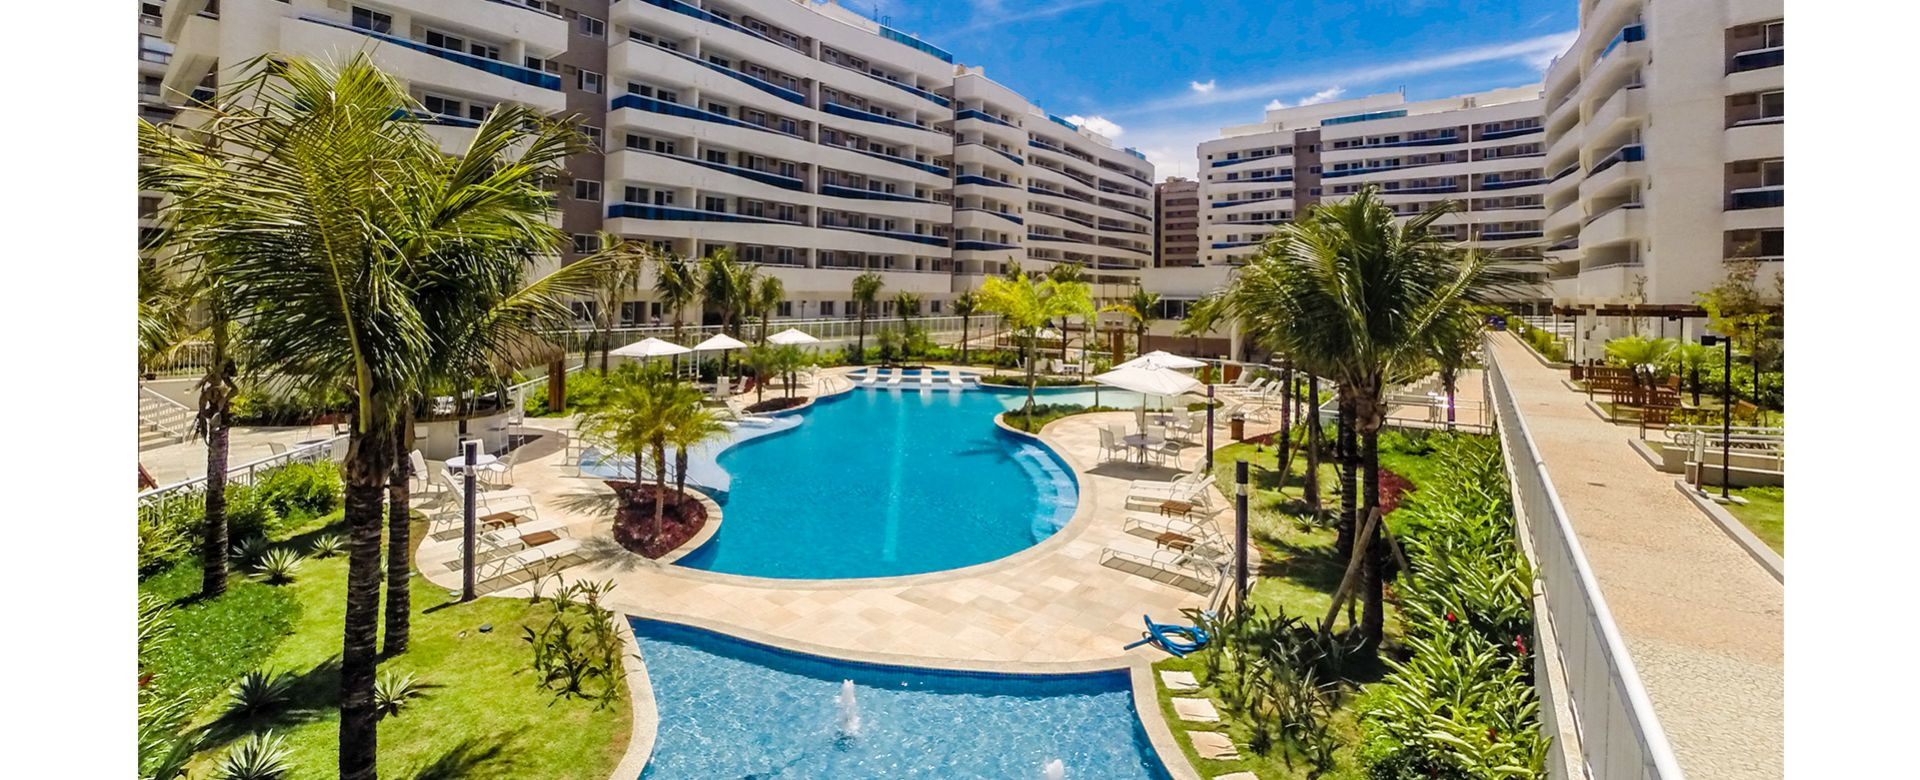 Imagem destaque do Onda Carioca Condominium Club